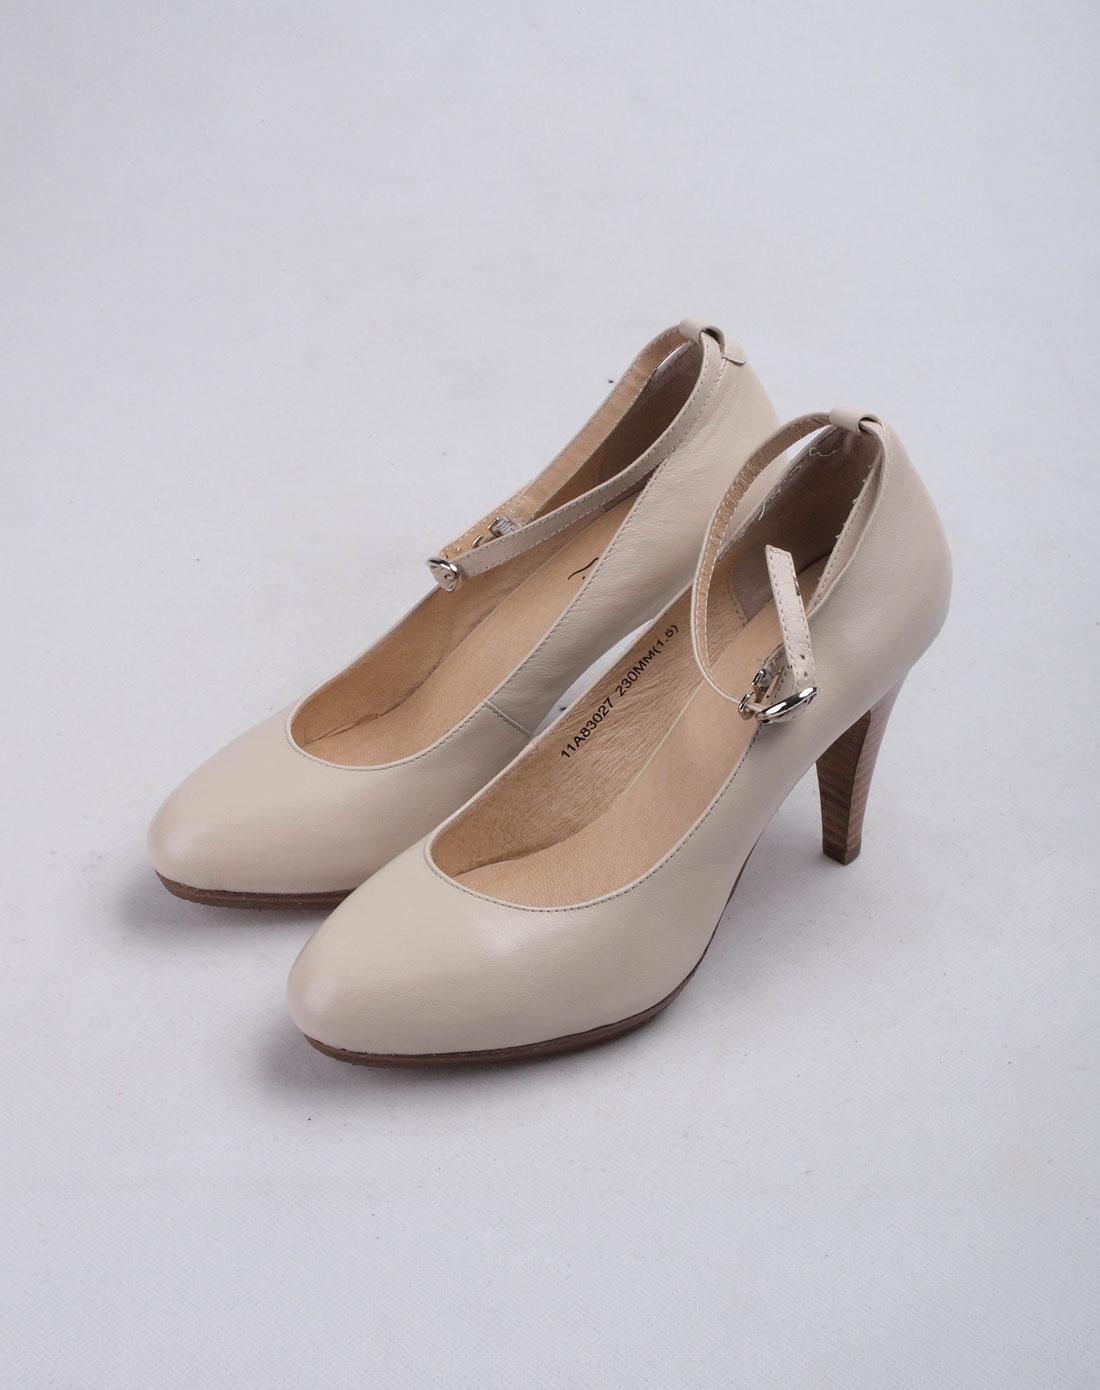 沙驰satchi女款米白色鞋子